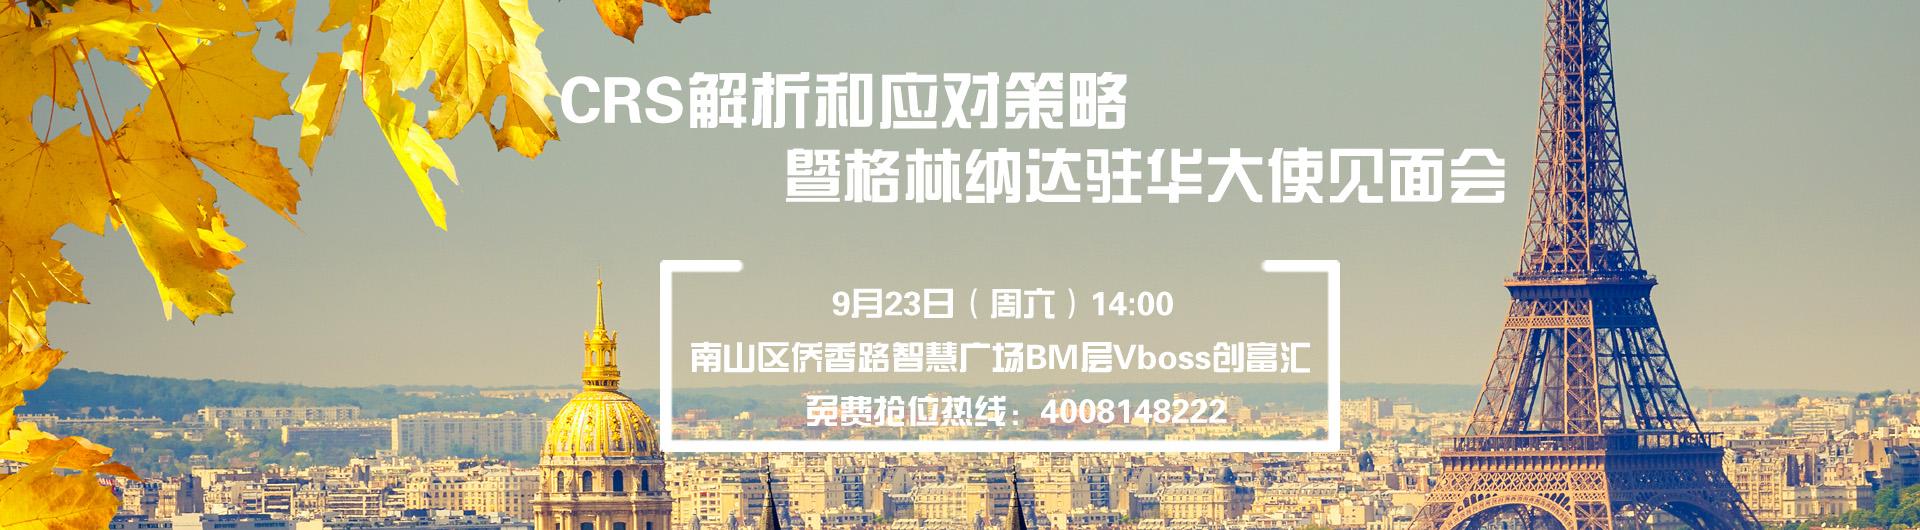 【邀请函】CRS全球征税解析和应对策略 暨格林纳达驻华大使见面会